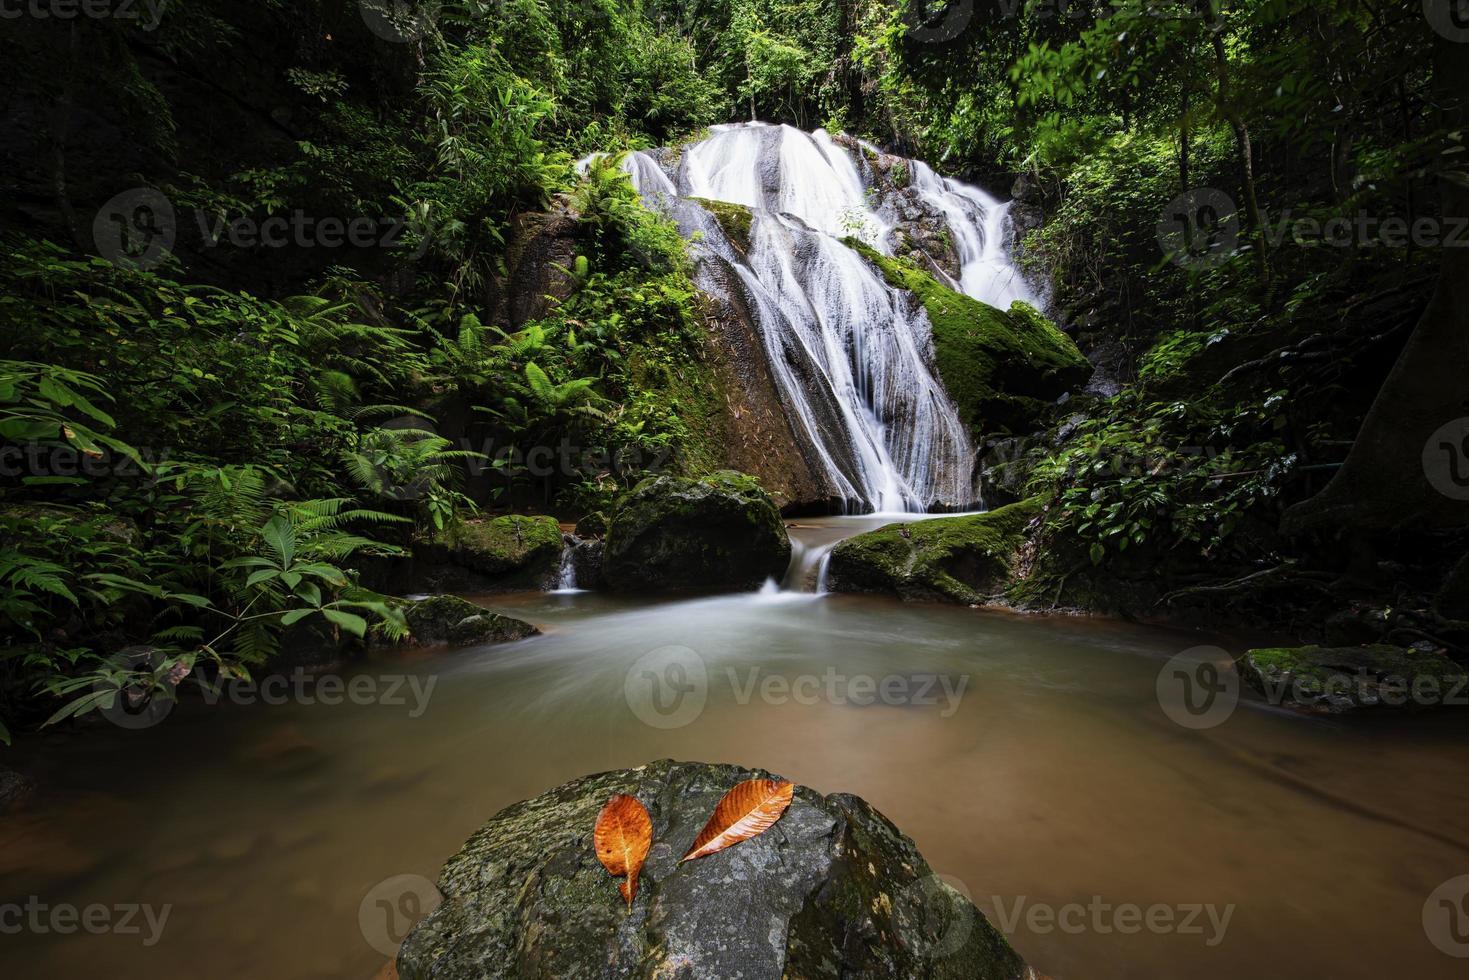 schöner Wasserfall im Wald foto